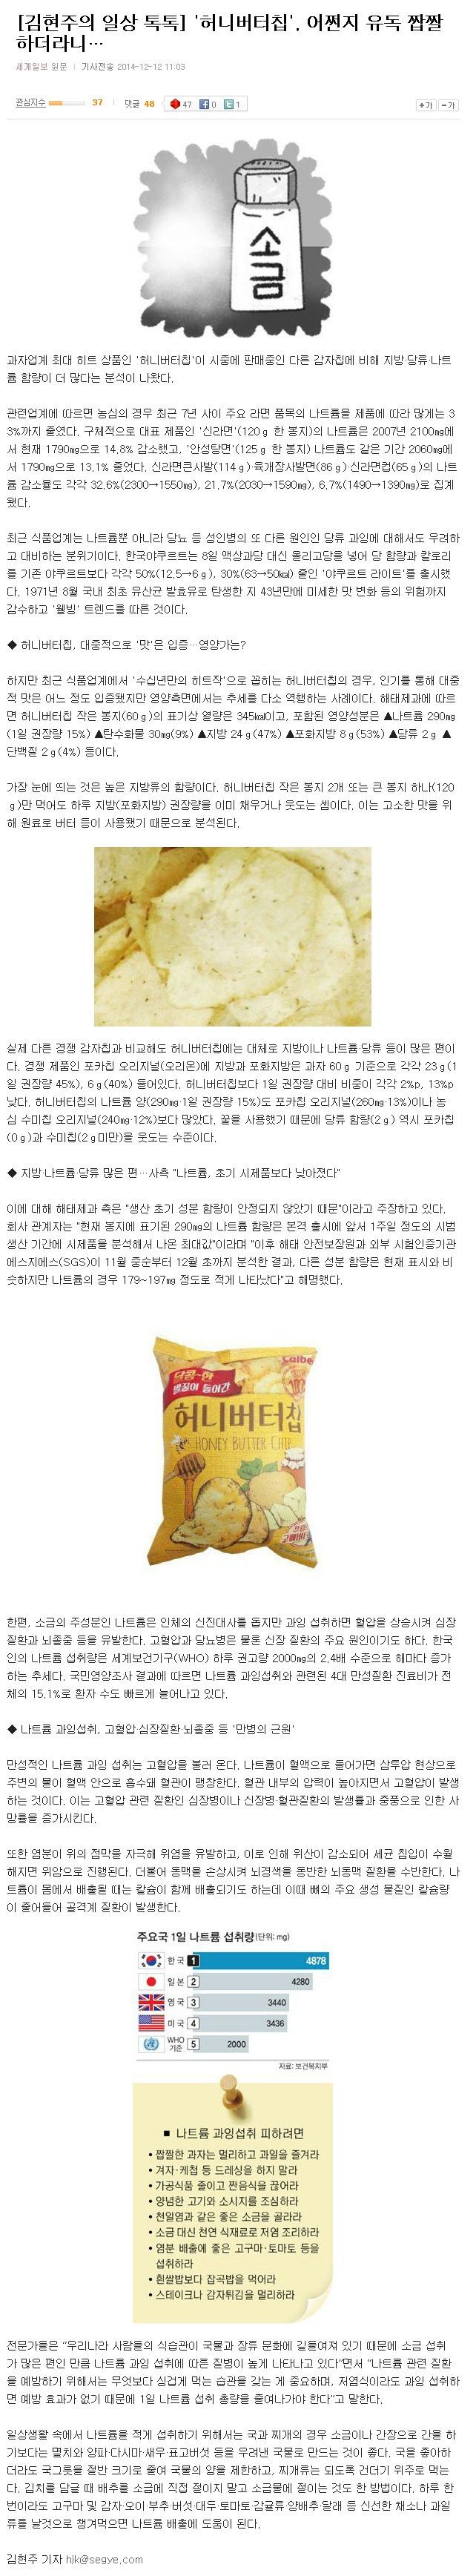 '허니버터칩', 어쩐지 유독 짭짤하더라니….jpg